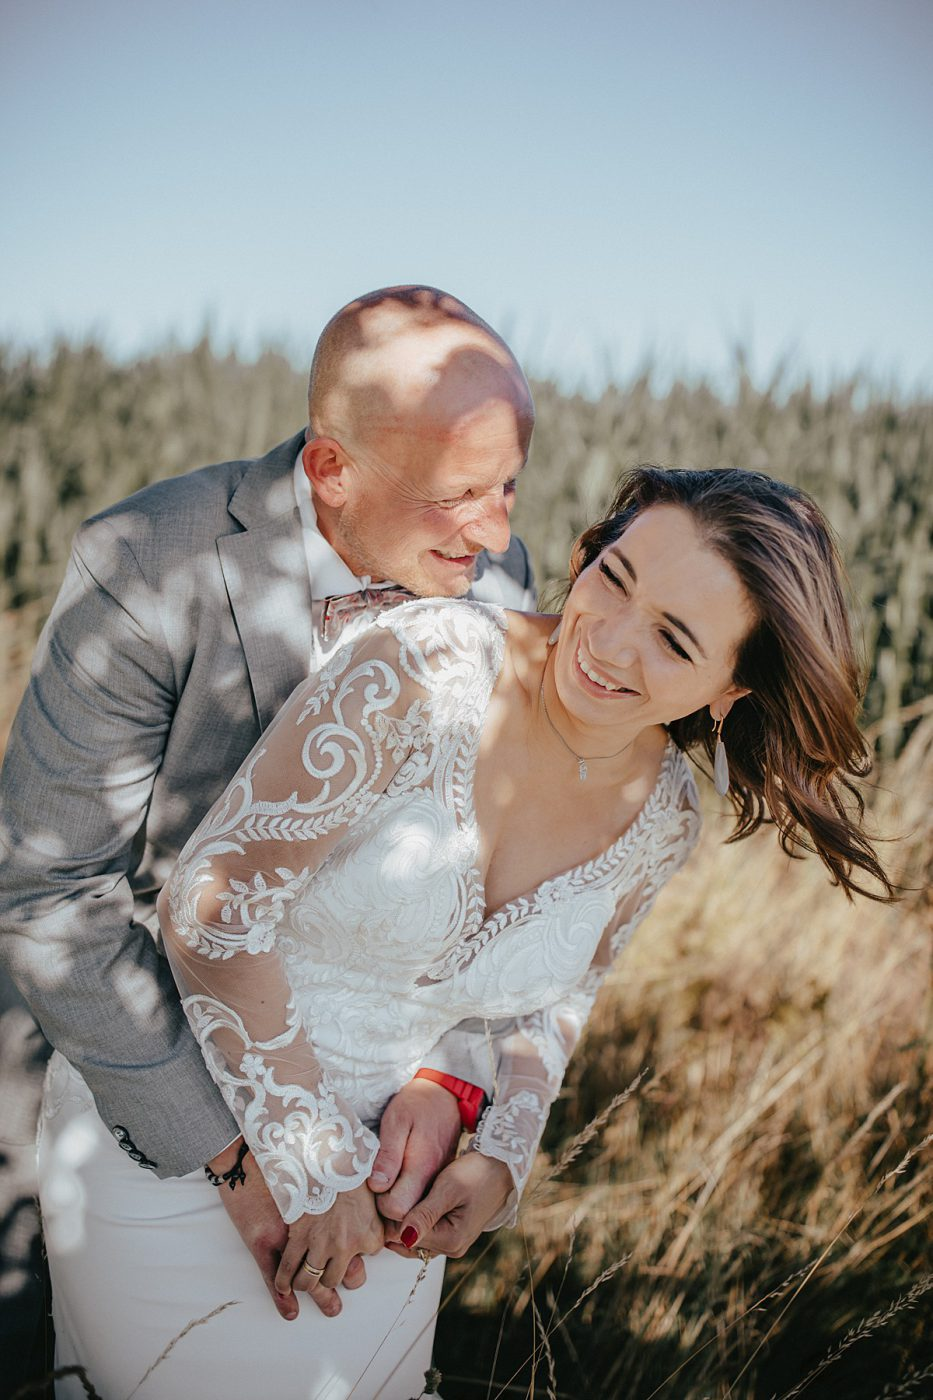 hochzeitsfotograf-andreas-heu-hochzeitsreportage-Brautpaarshooting-natürliche-paarfotos-trauung_0980